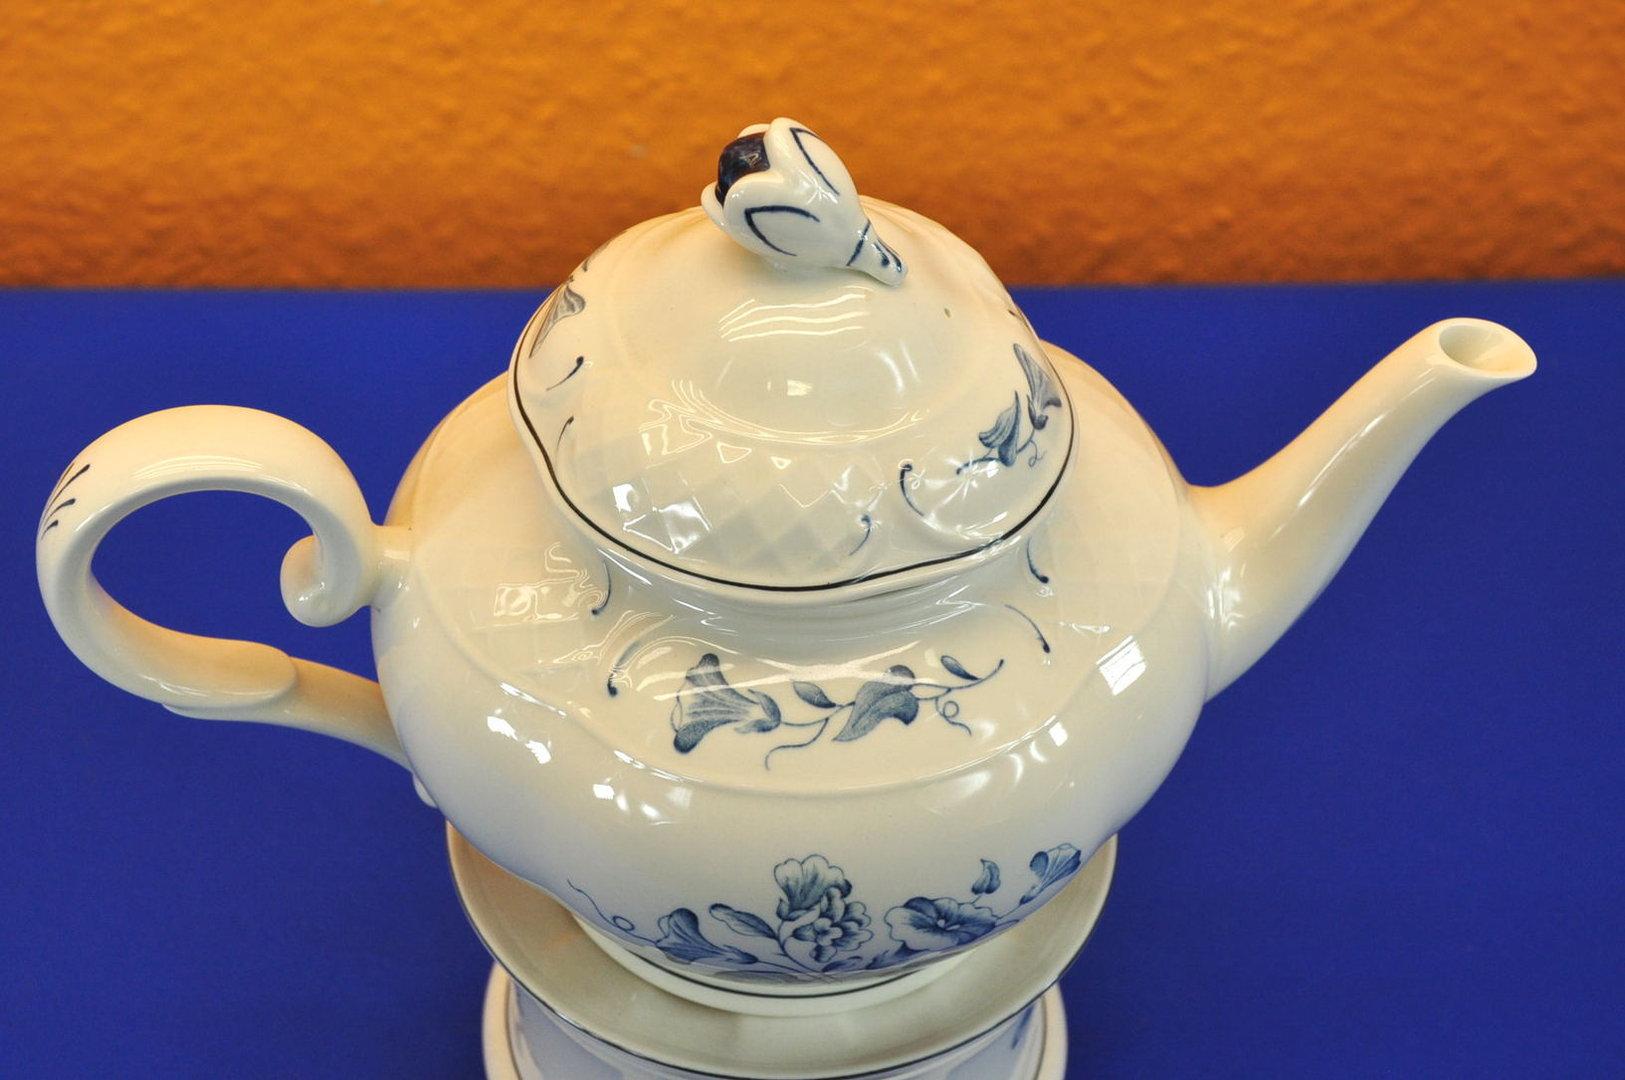 Villeroy boch val bleu teapot and warmer kusera - Duschkabine villeroy boch ...